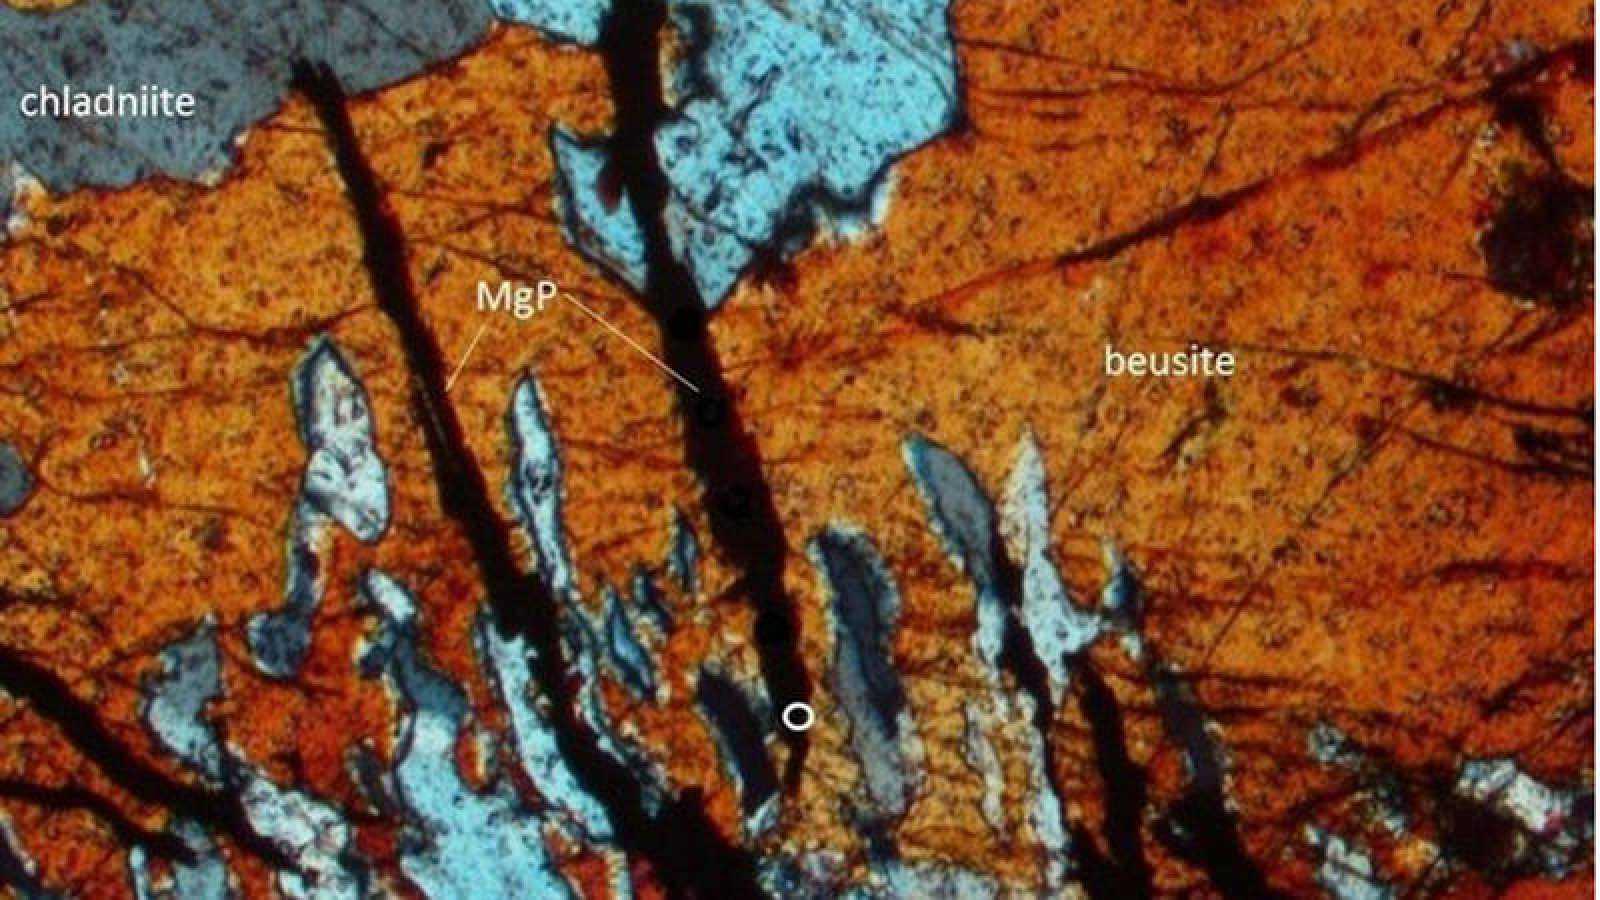 Hallan por primera vez un mineral hasta ahora exclusivo de los meteoritos